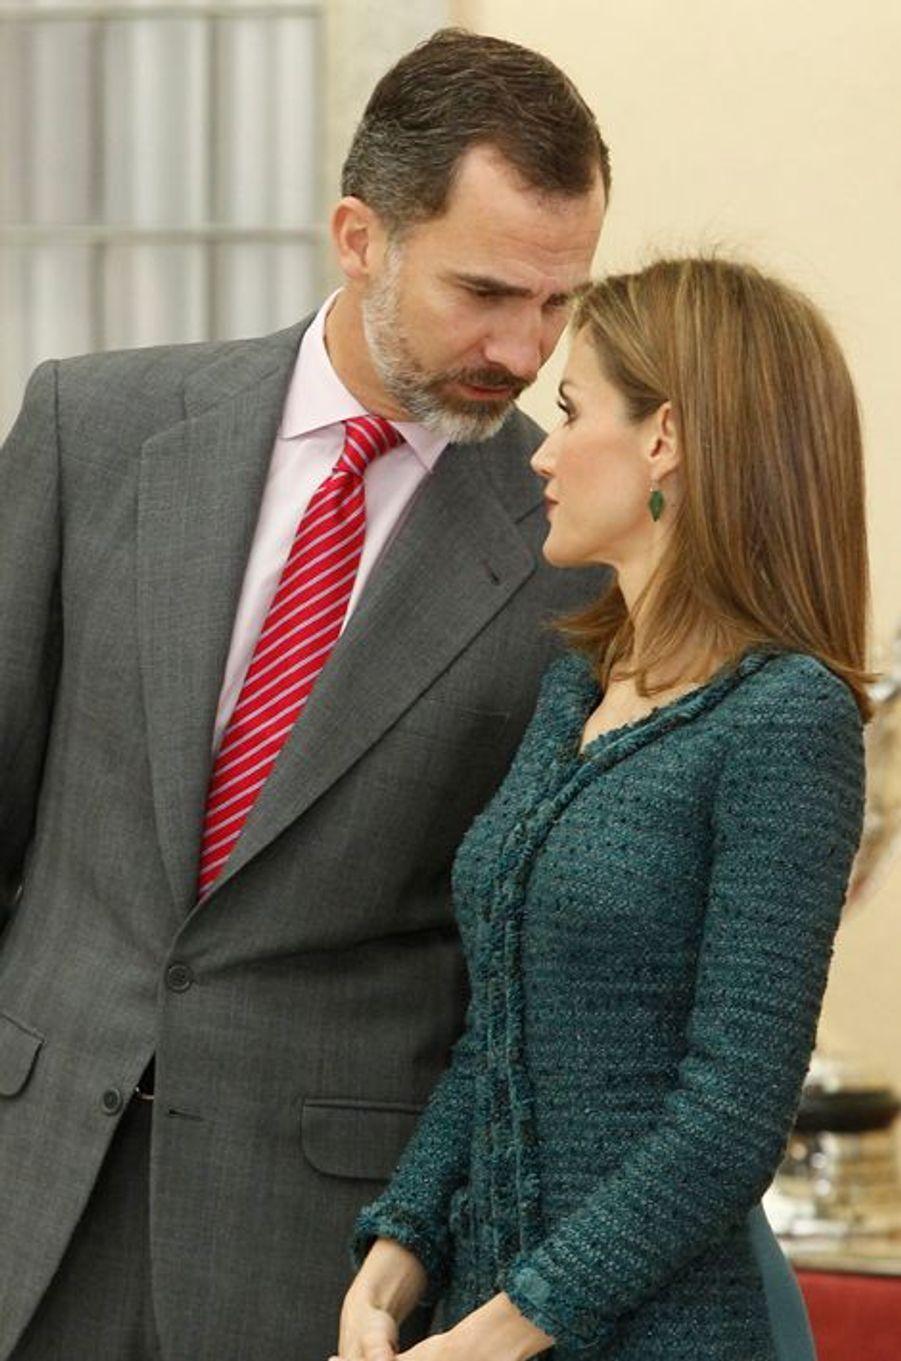 Le roi Felipe VI d'Espagne et la reine Letizia d'Espagne à Madrid, le 4 décembre 2014